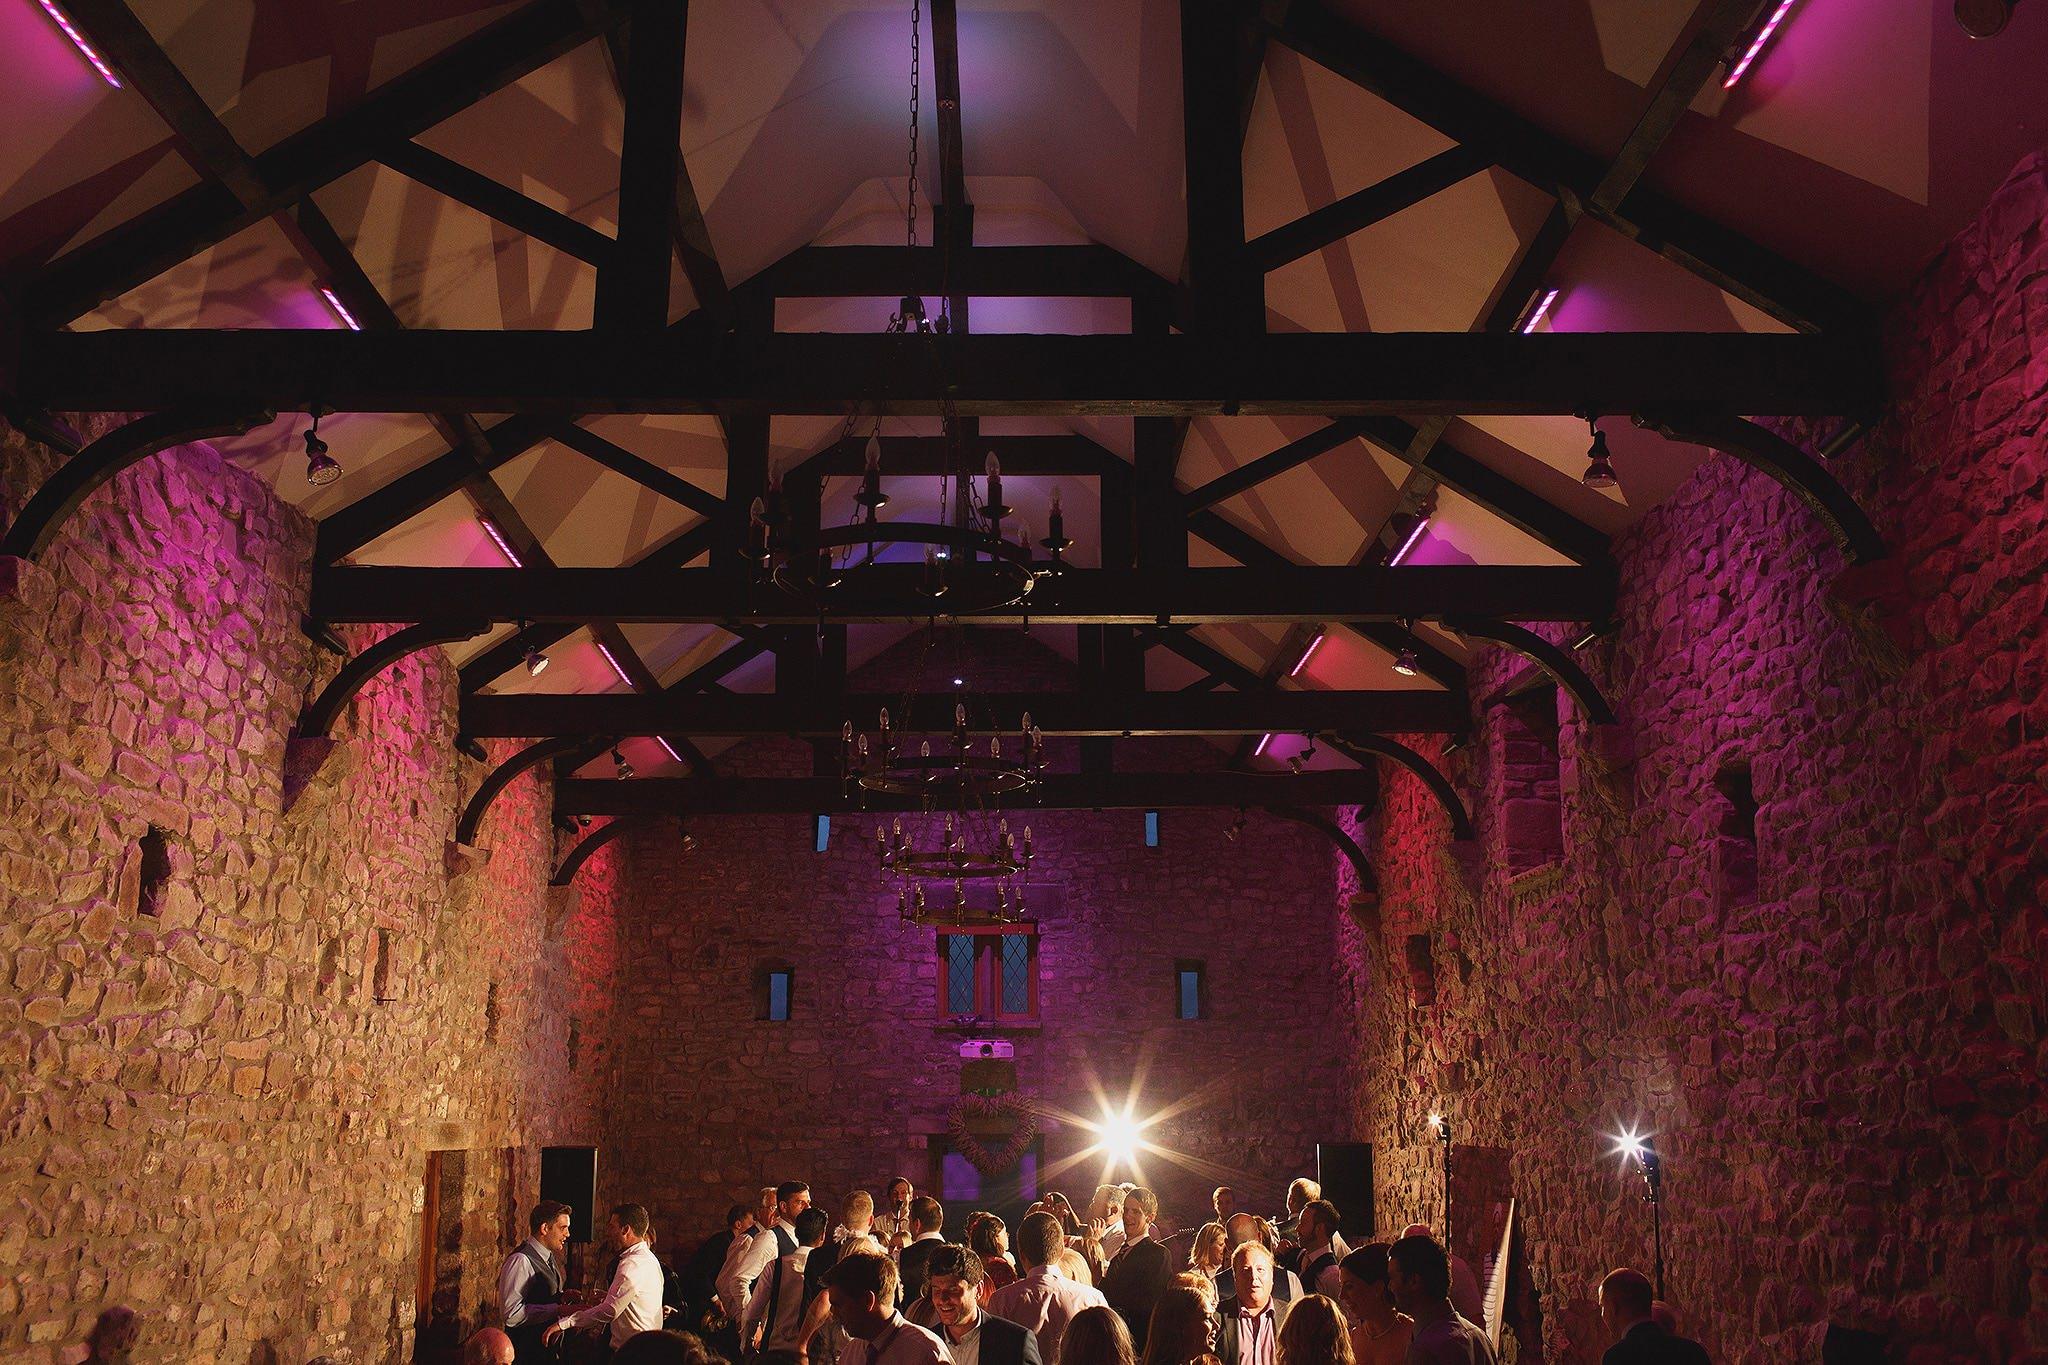 Browsholme-Hall-Wedding-Photographer-Toni-Darcy052